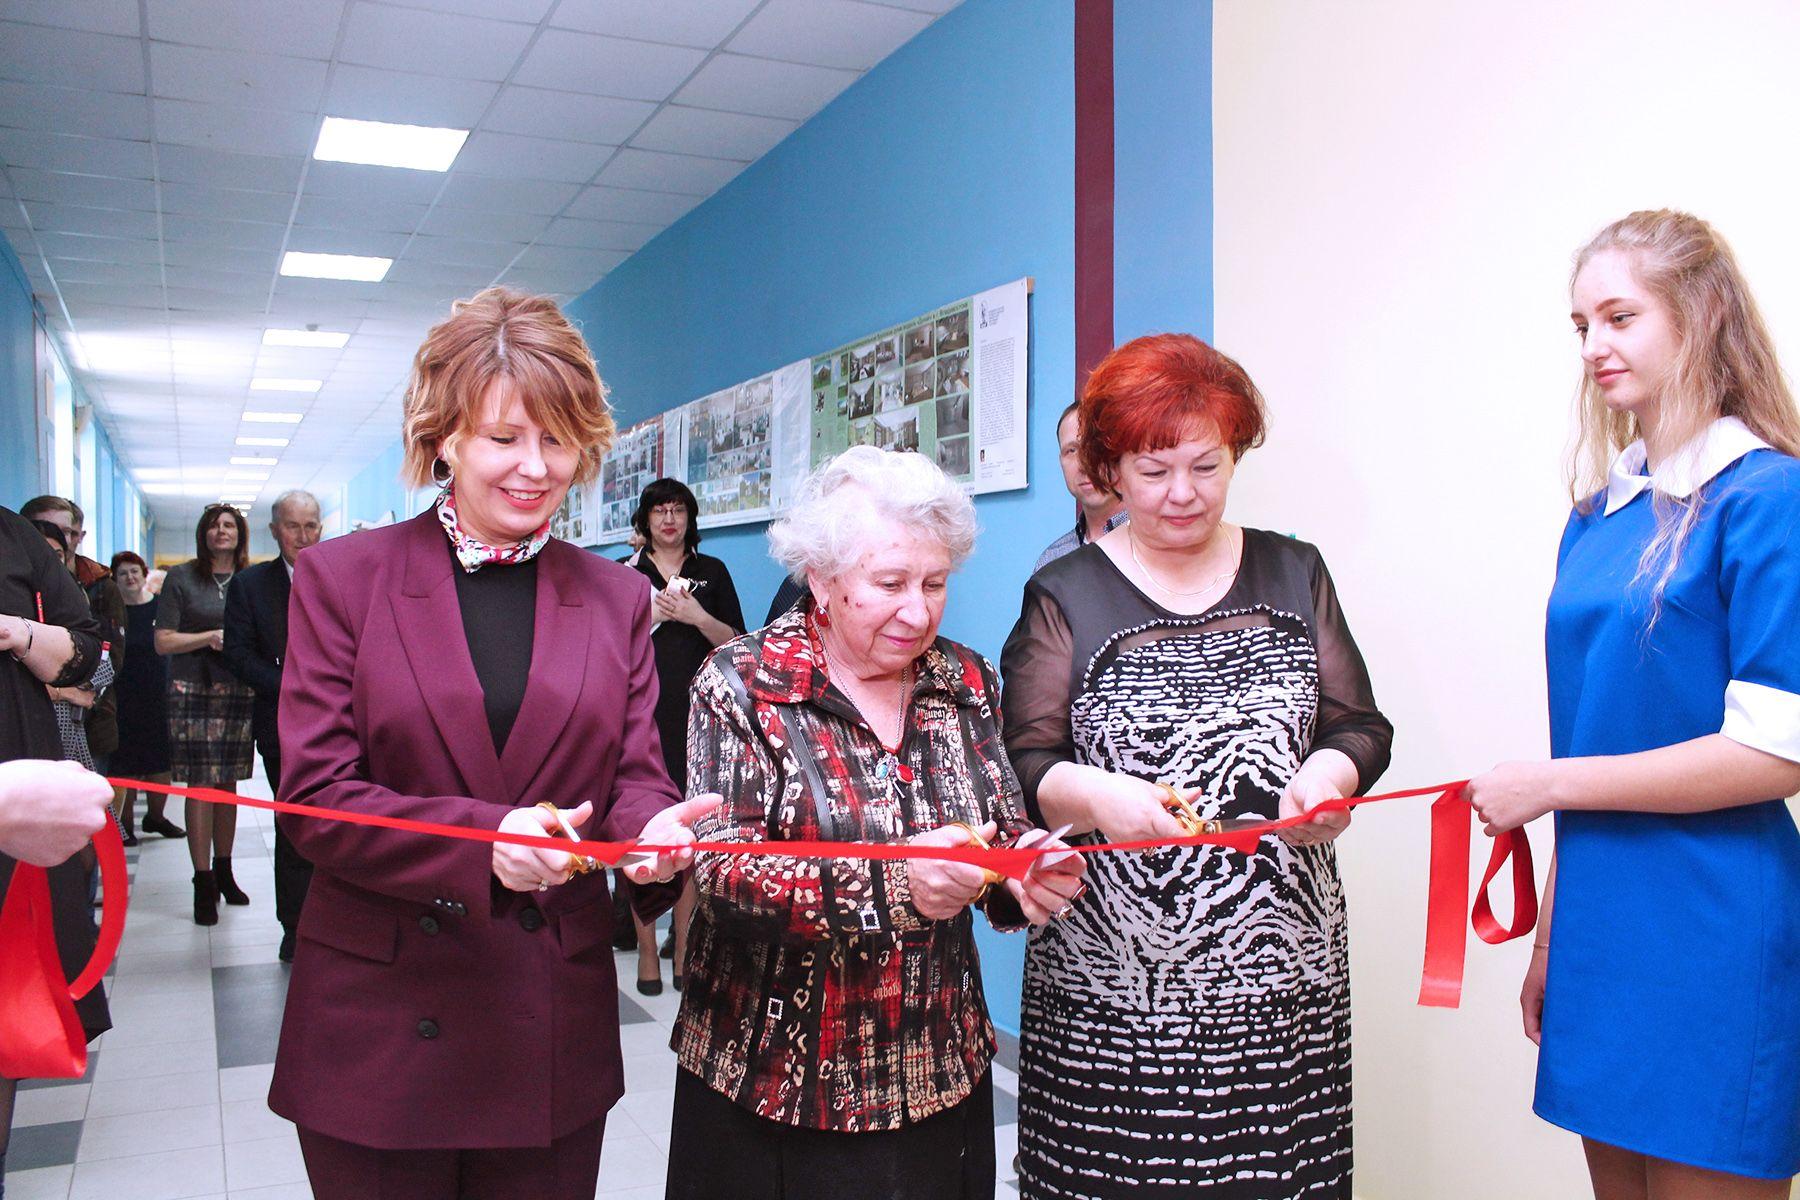 Лабораторию естественнонаучных дисциплин подарил ВГУЭС студентам и школьникам г. Артёма